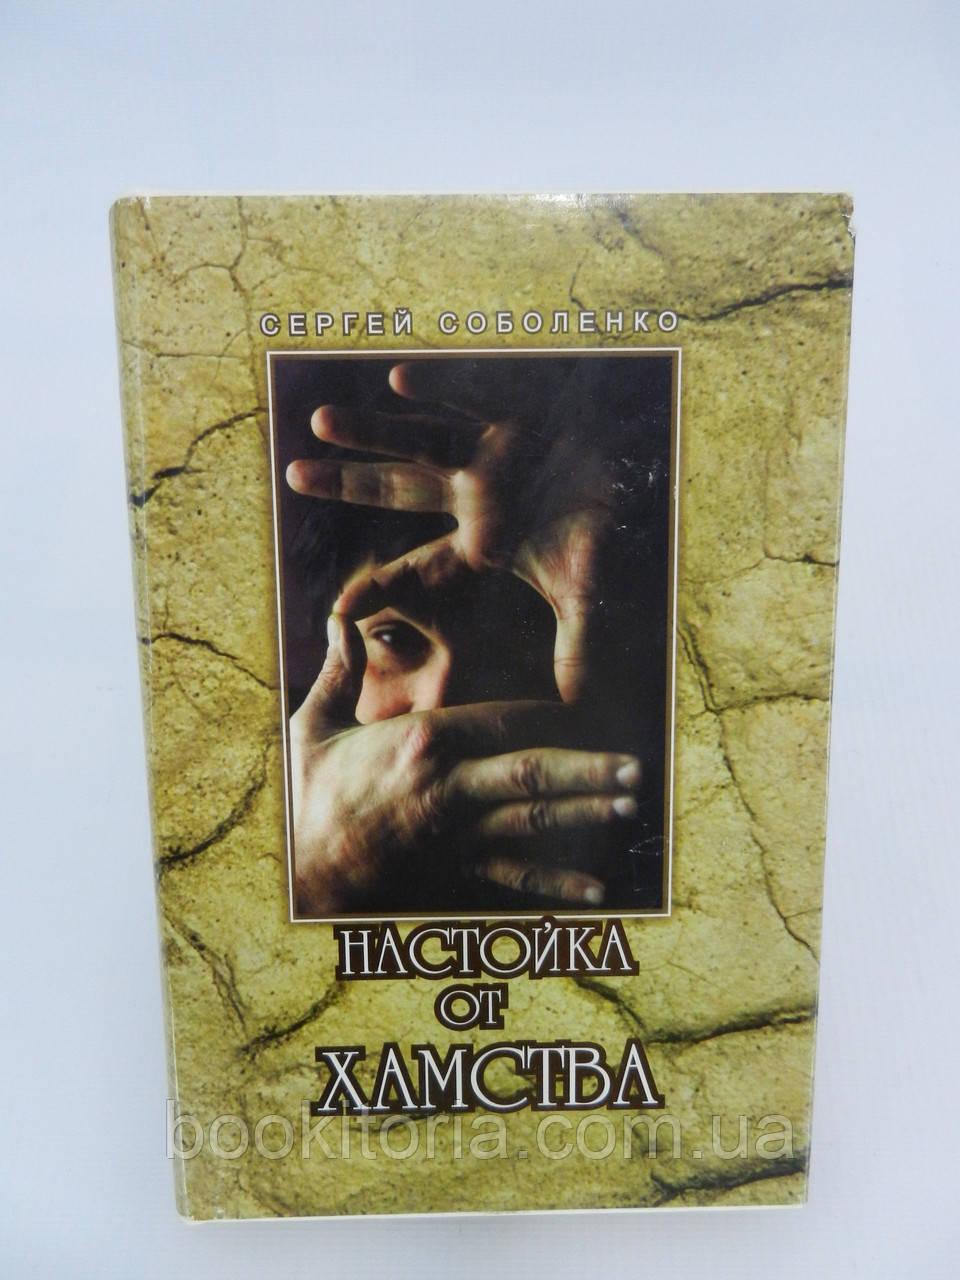 Соболенко-Баскаков С. Настойка от хамства (б/у).